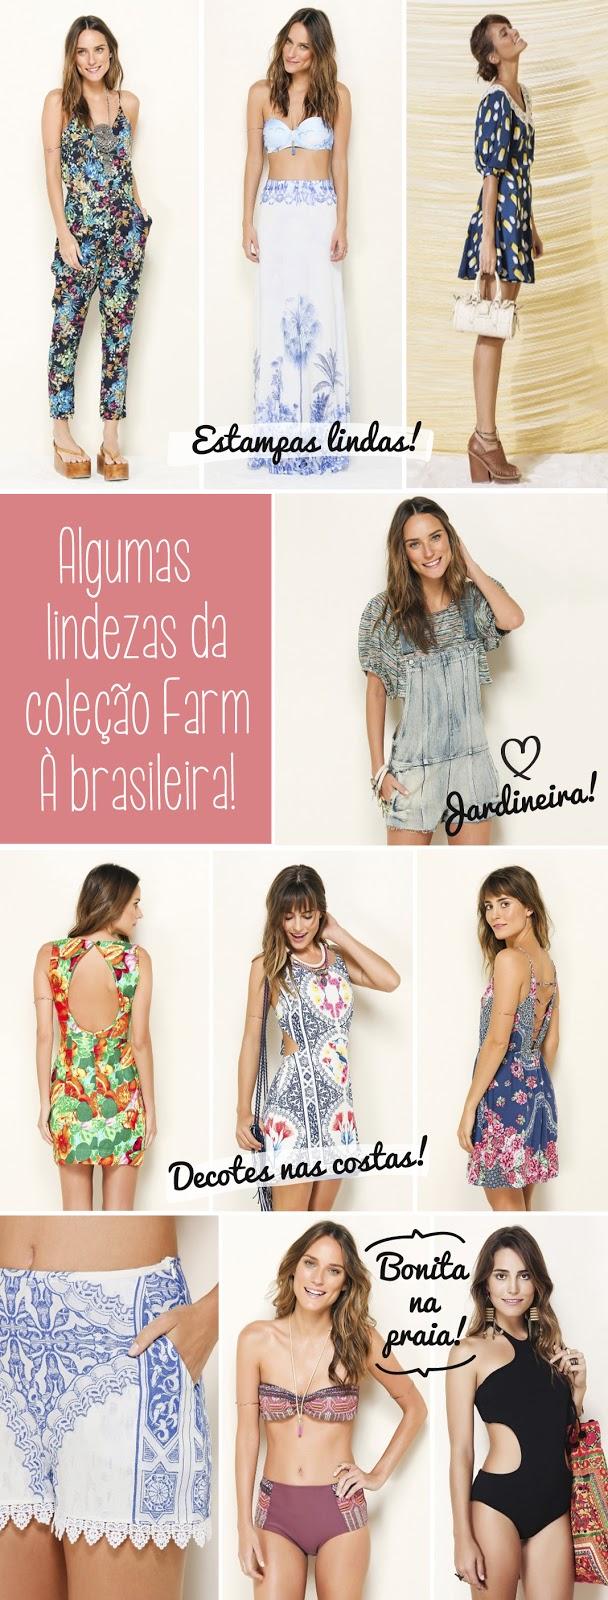 farm rio, moda, primavera verão 2014, biquíni, retrô, lindo, fashion, inspiração